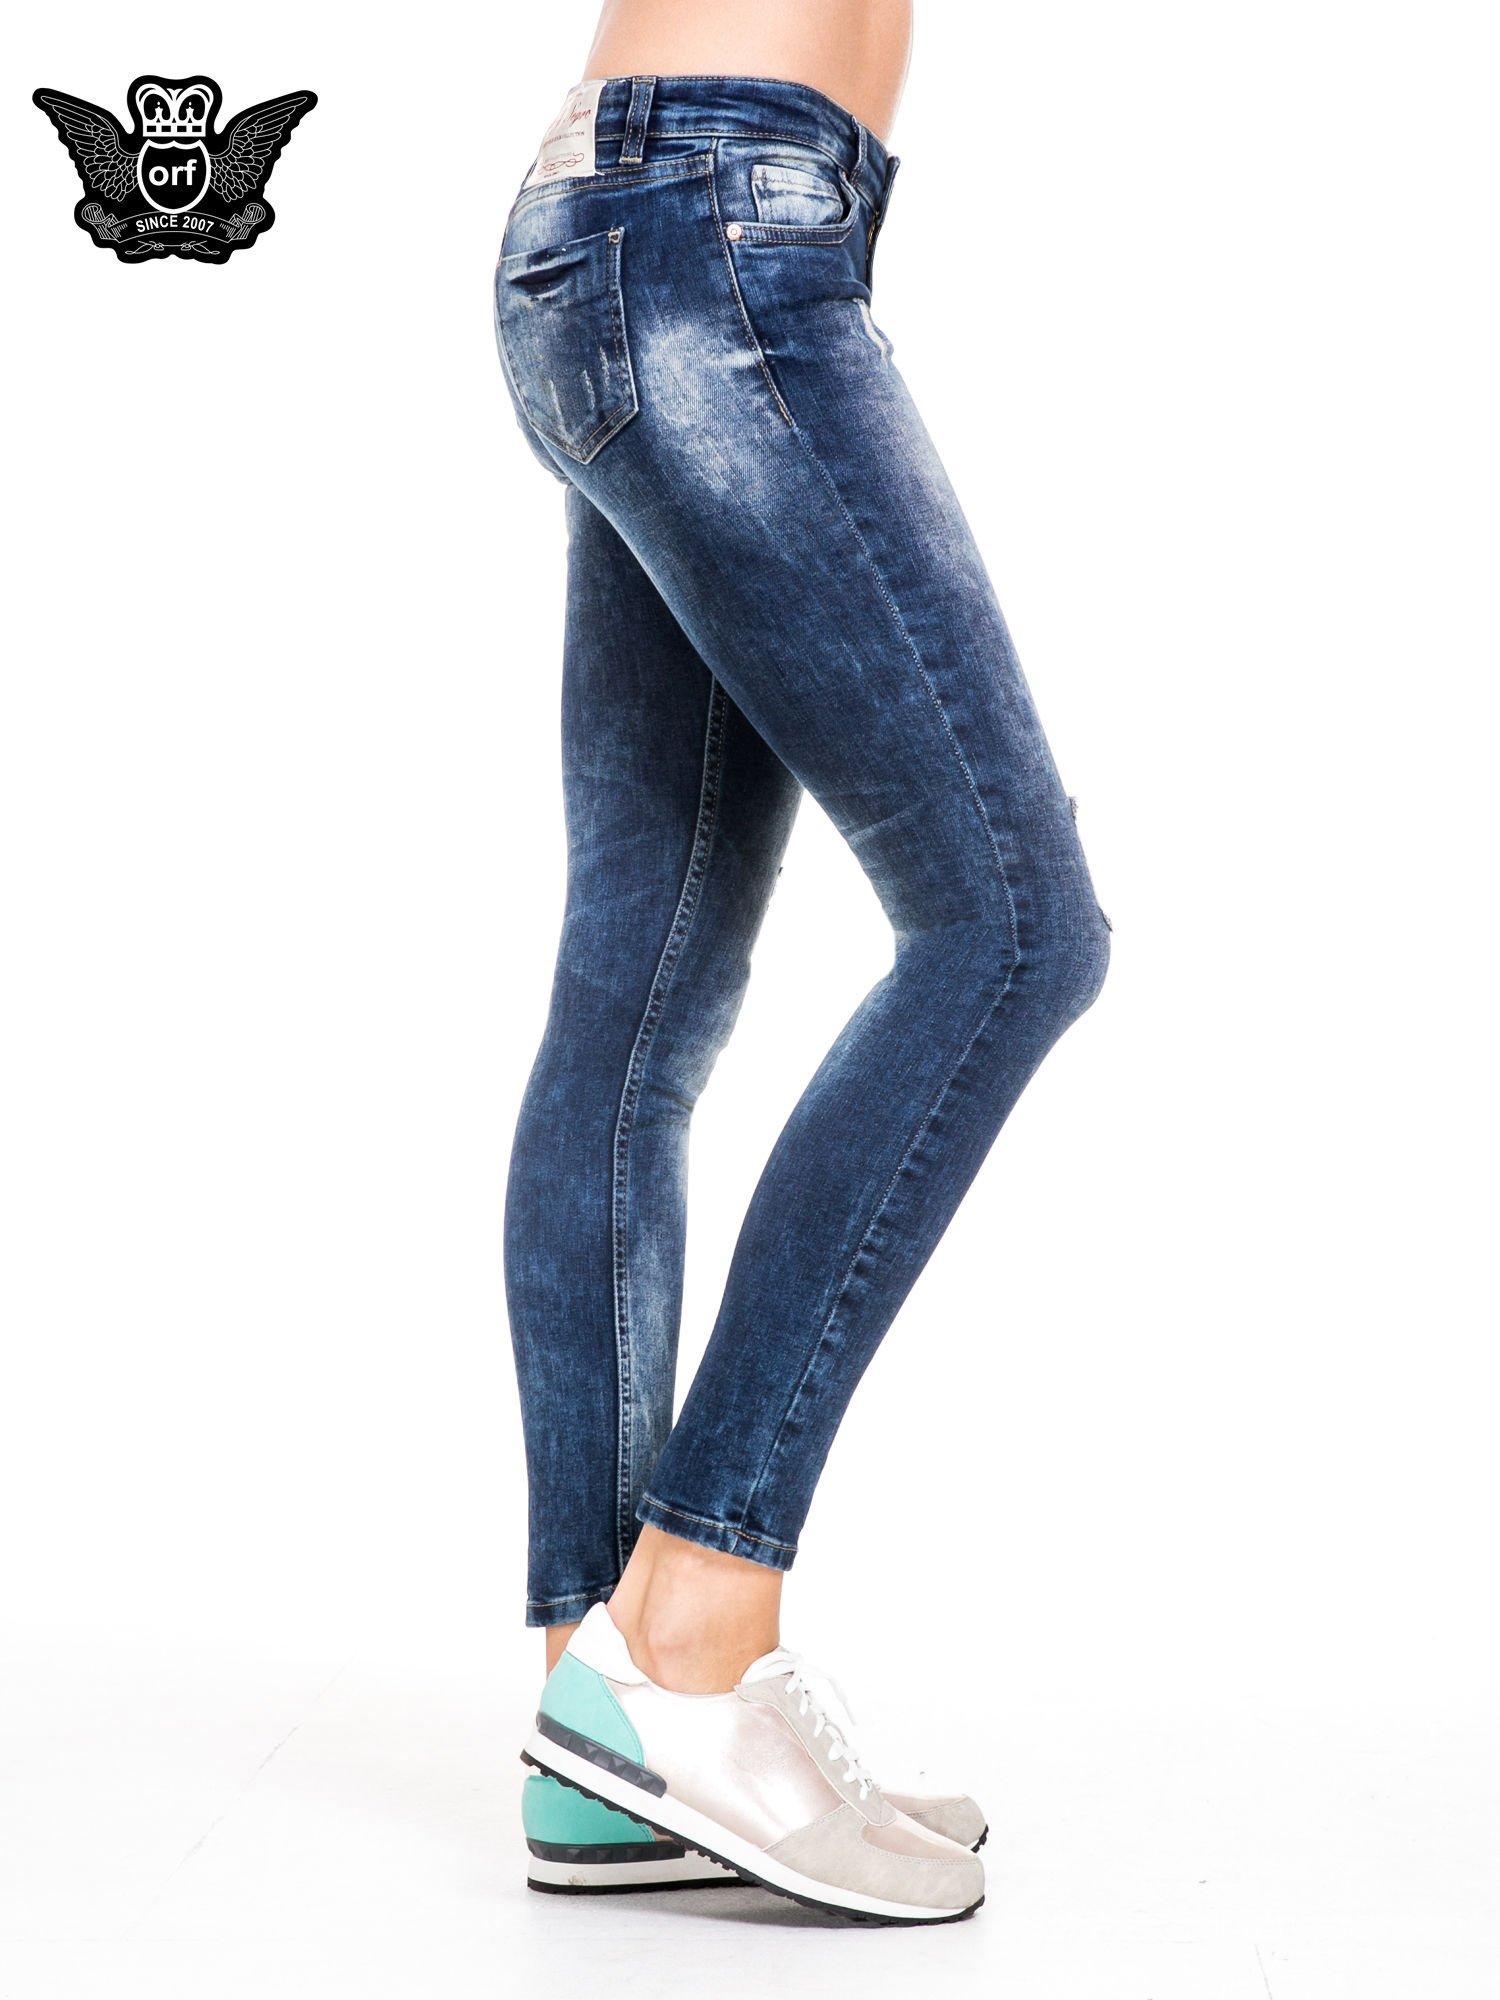 Niebieskie spodnie jeansowe rurki z lekkim dekatyzowaniem i przetarciami                                  zdj.                                  3